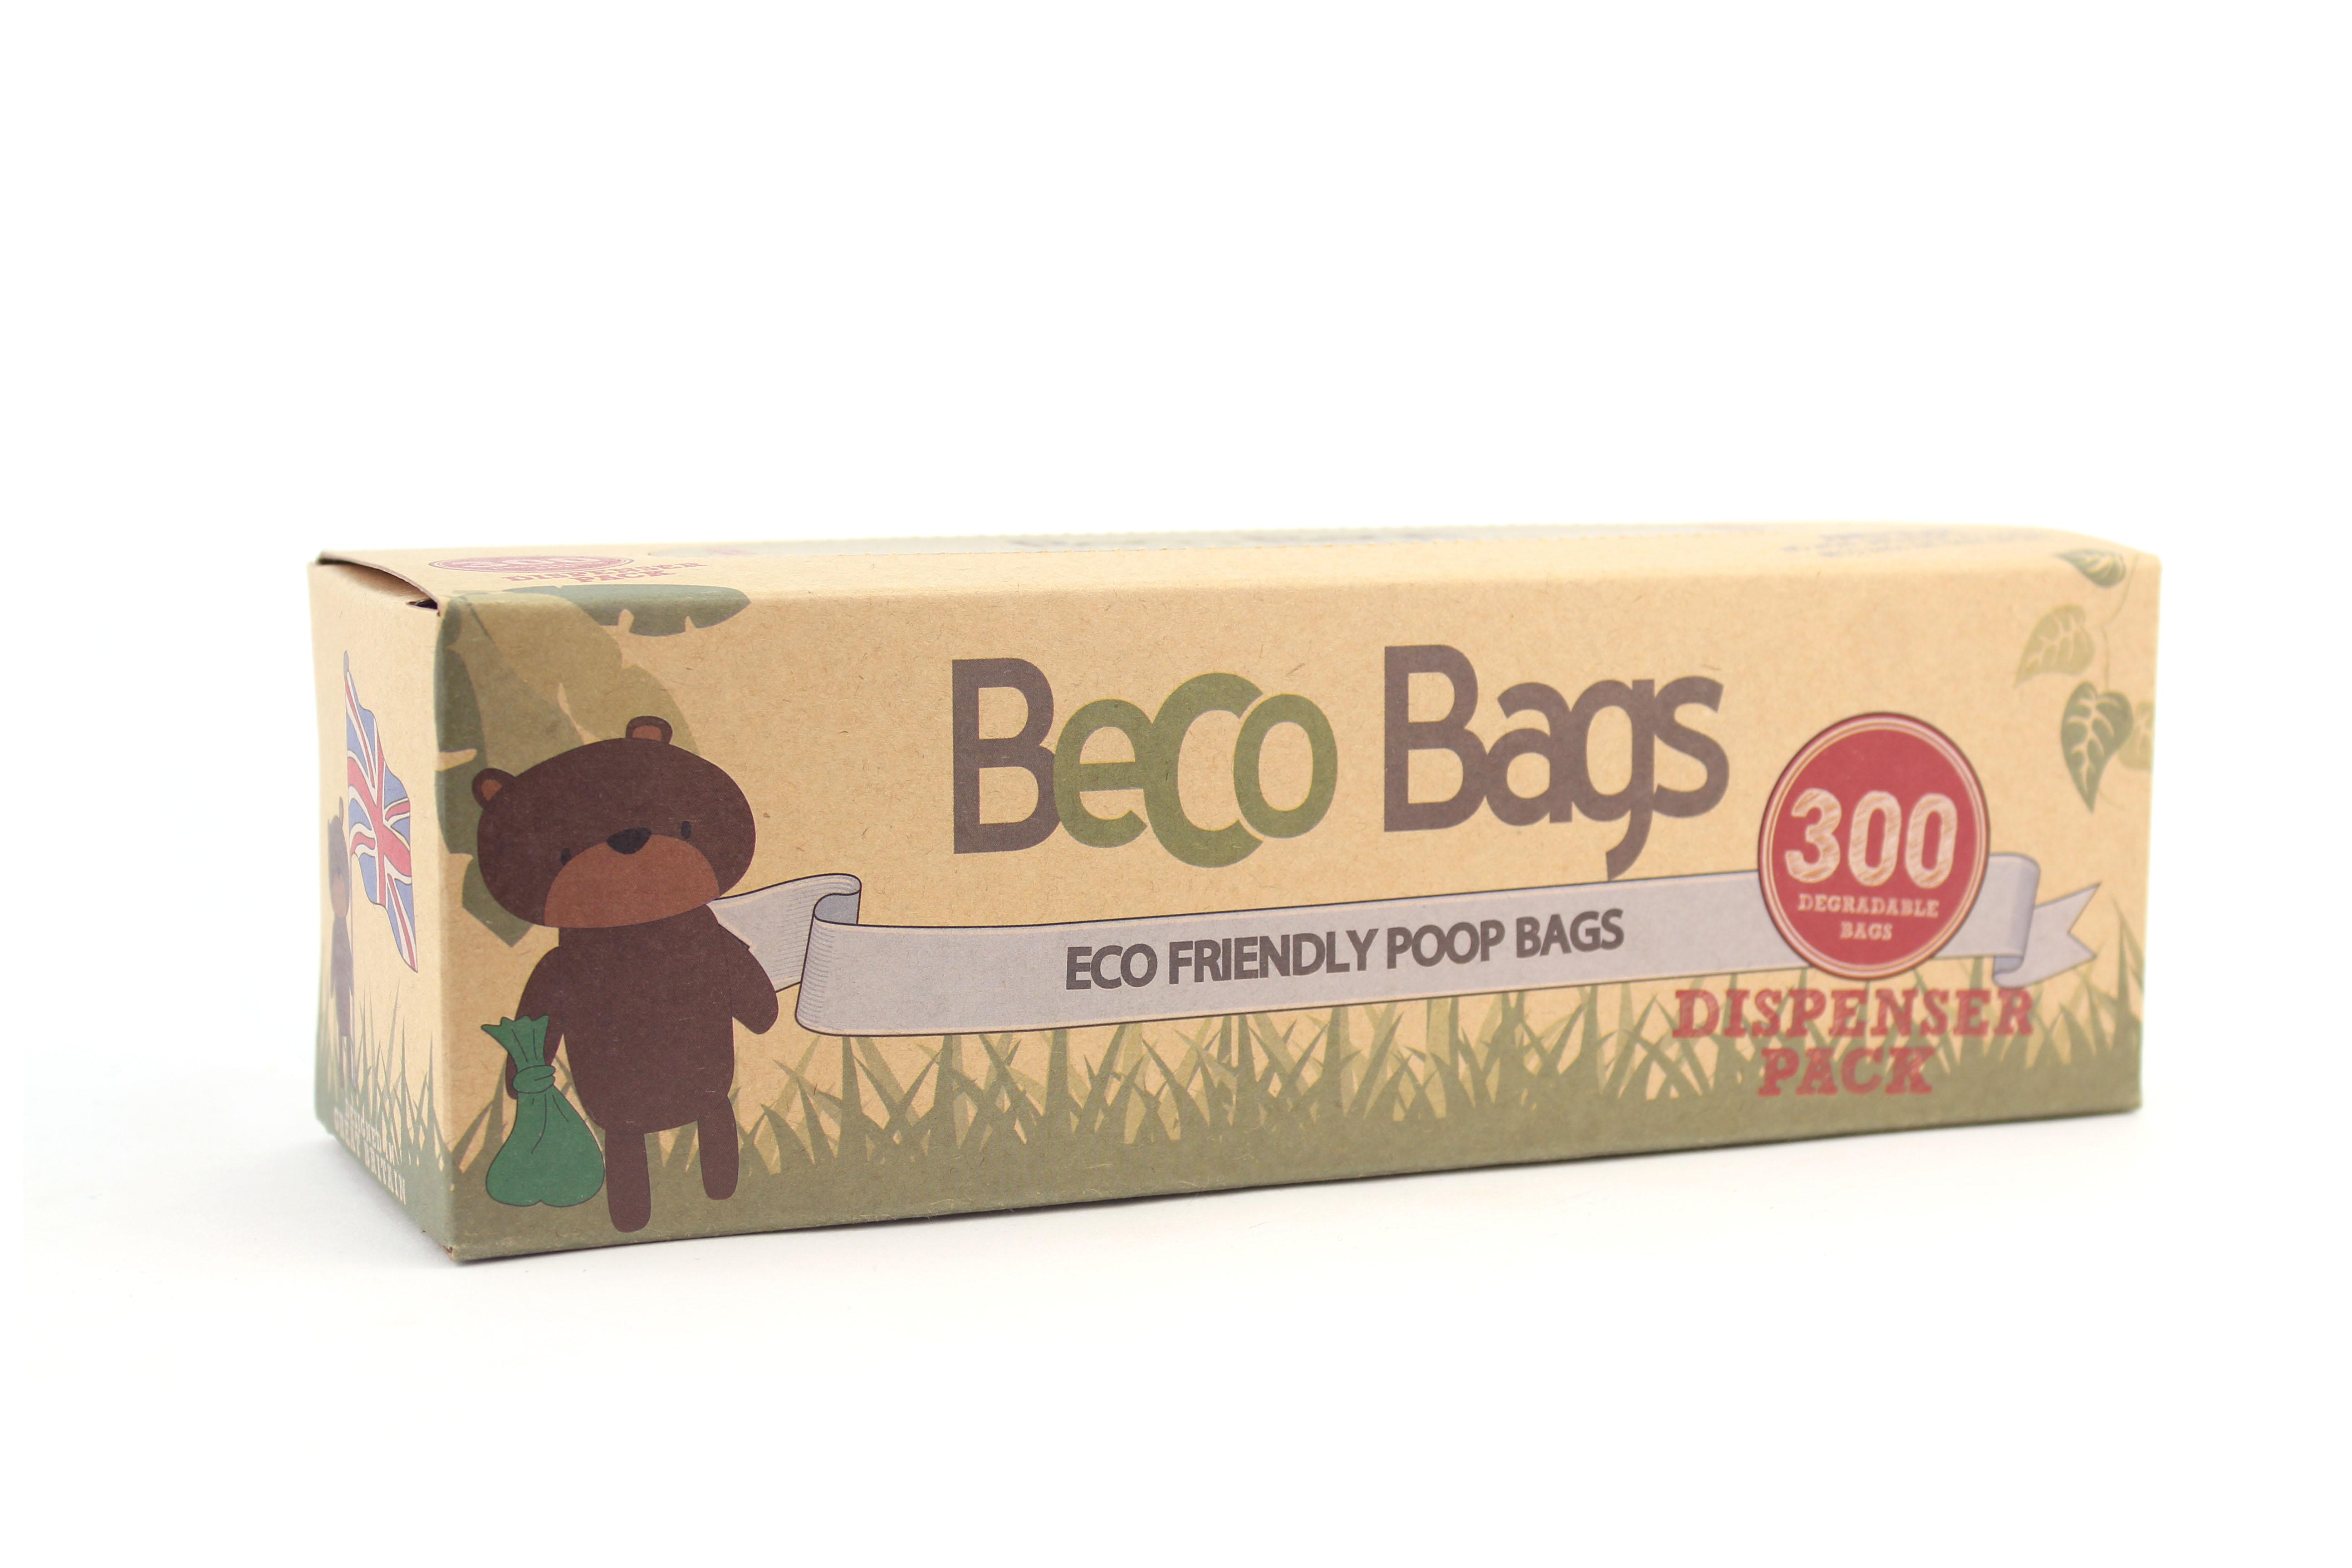 Vrecká na exkrementy, 300 ks, ekologické